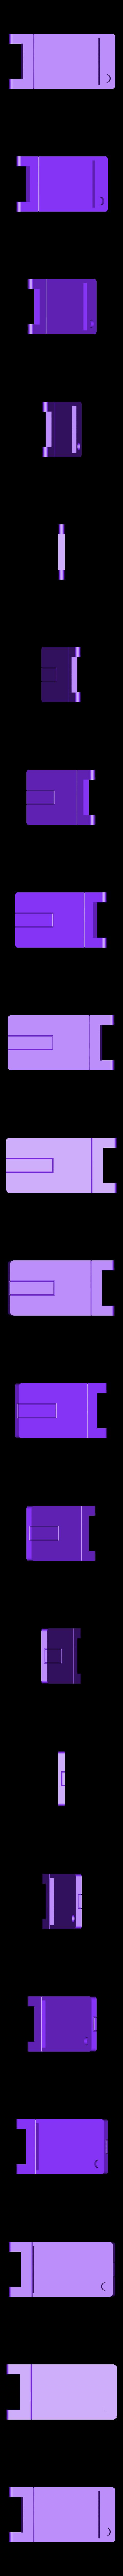 YG_phone_top.stl Télécharger fichier STL gratuit Yuno Gasai téléphone • Modèle imprimable en 3D, caramellcube